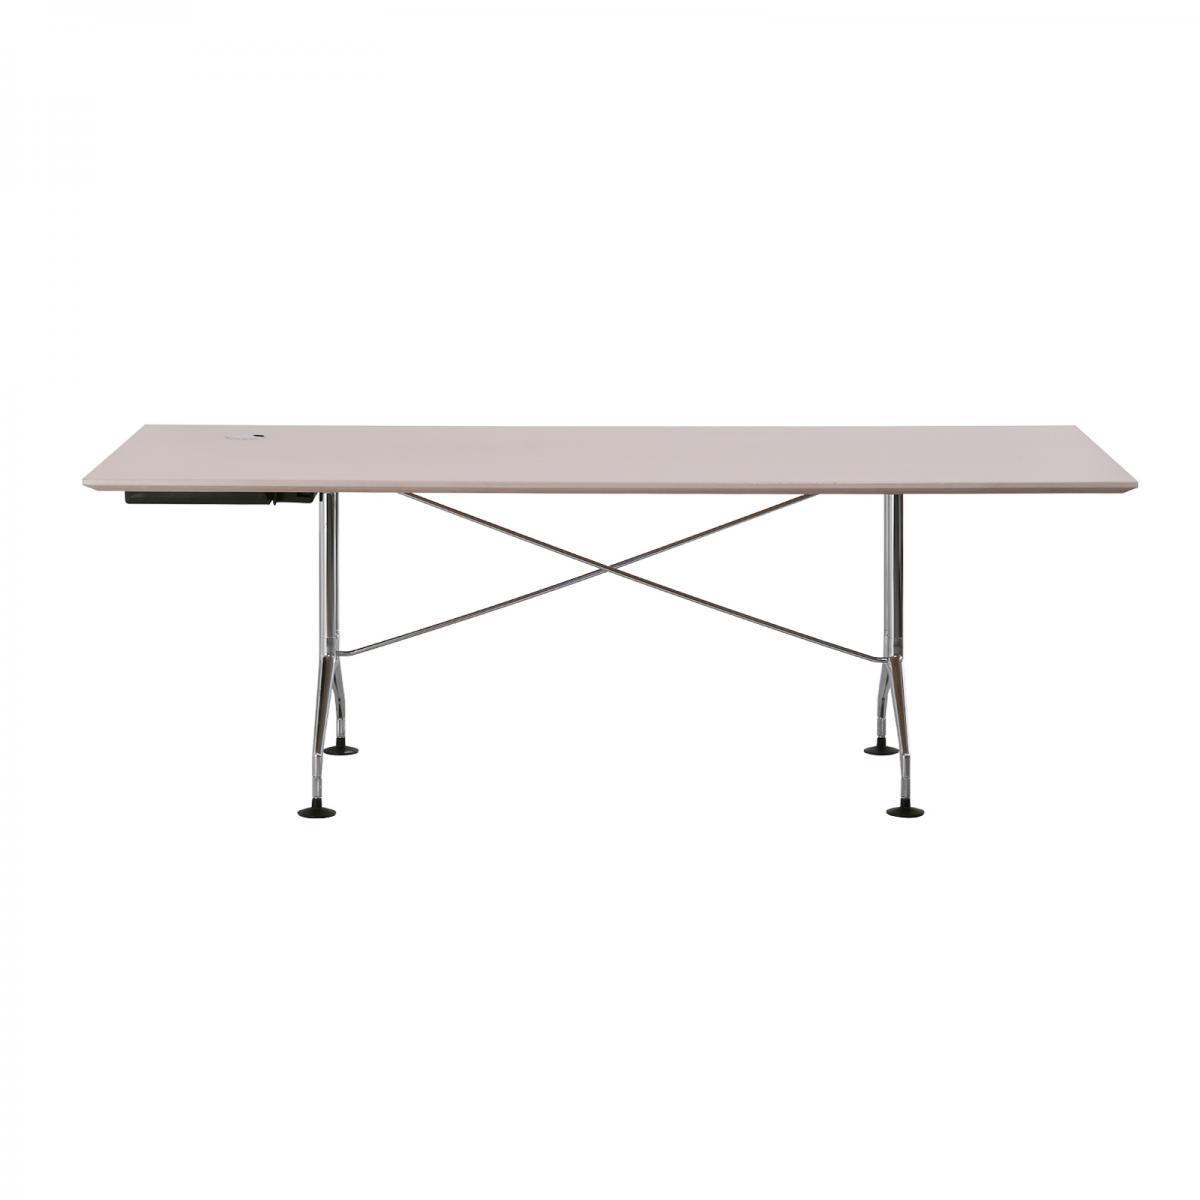 Vitra Schreibtisch Gebraucht